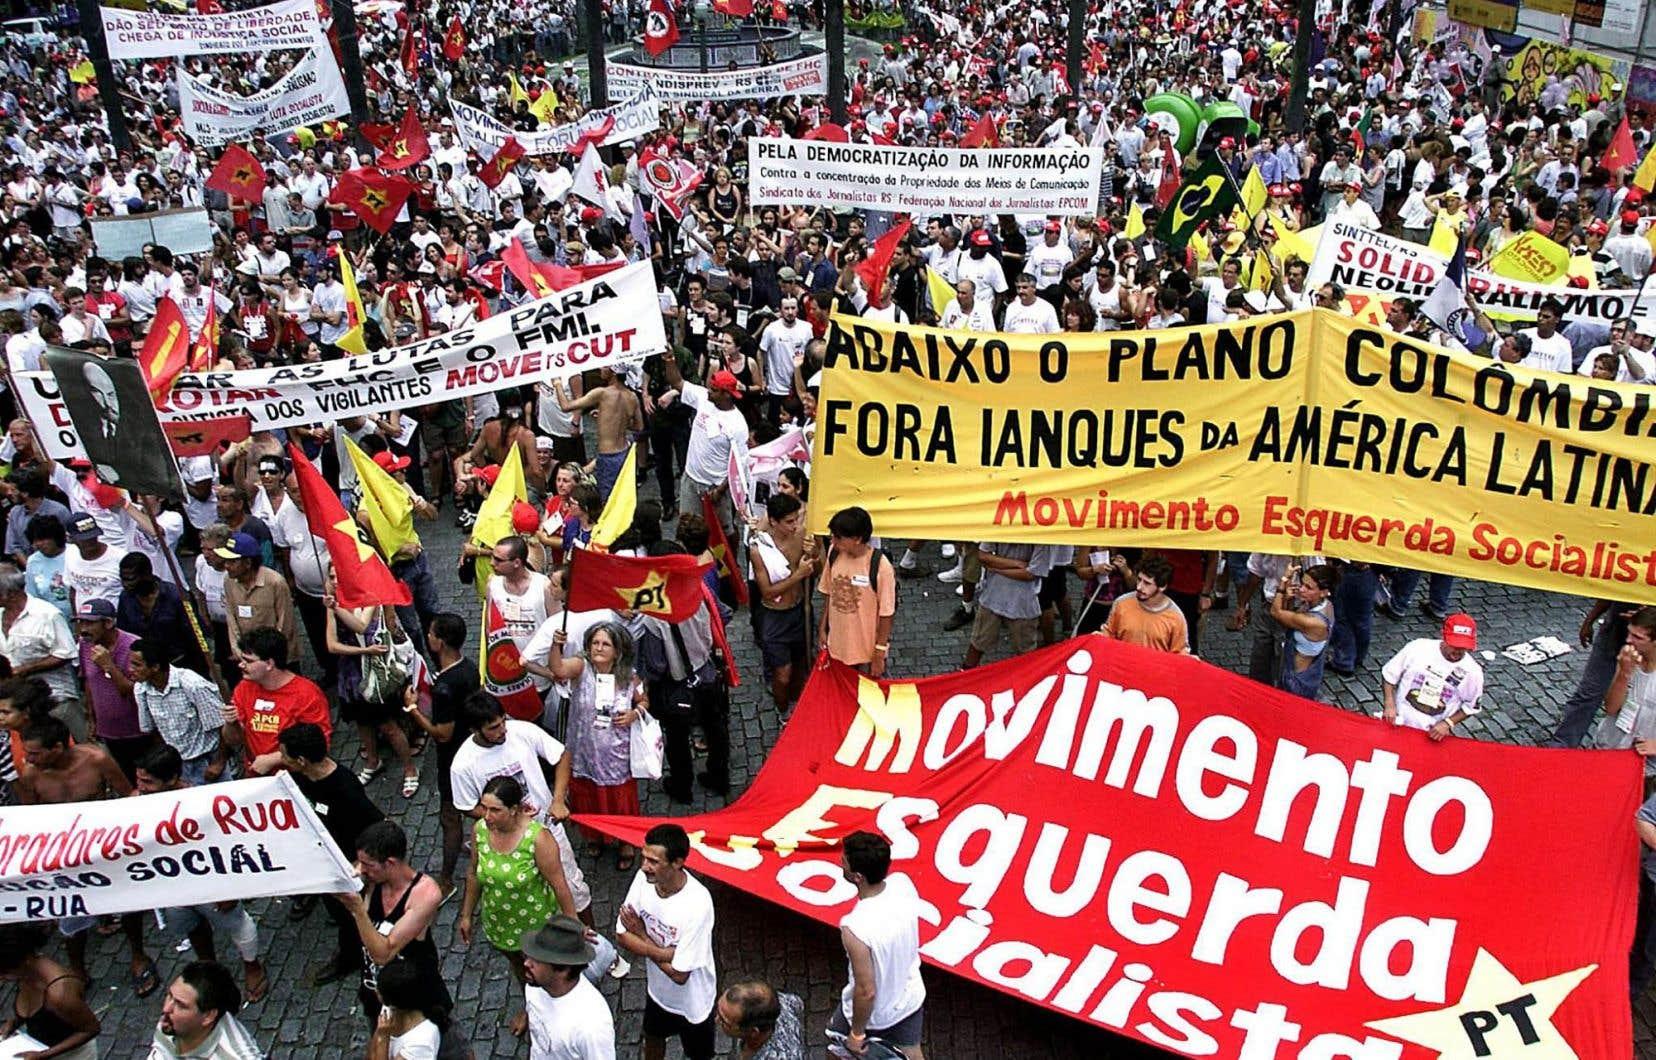 La ville de Porto Alegre, dans le sud du Brésil, a accueilli le tout premier Forum social mondial en 2001. Chaque édition s'ouvre par une traditionnelle marche rassemblant tous les participants.